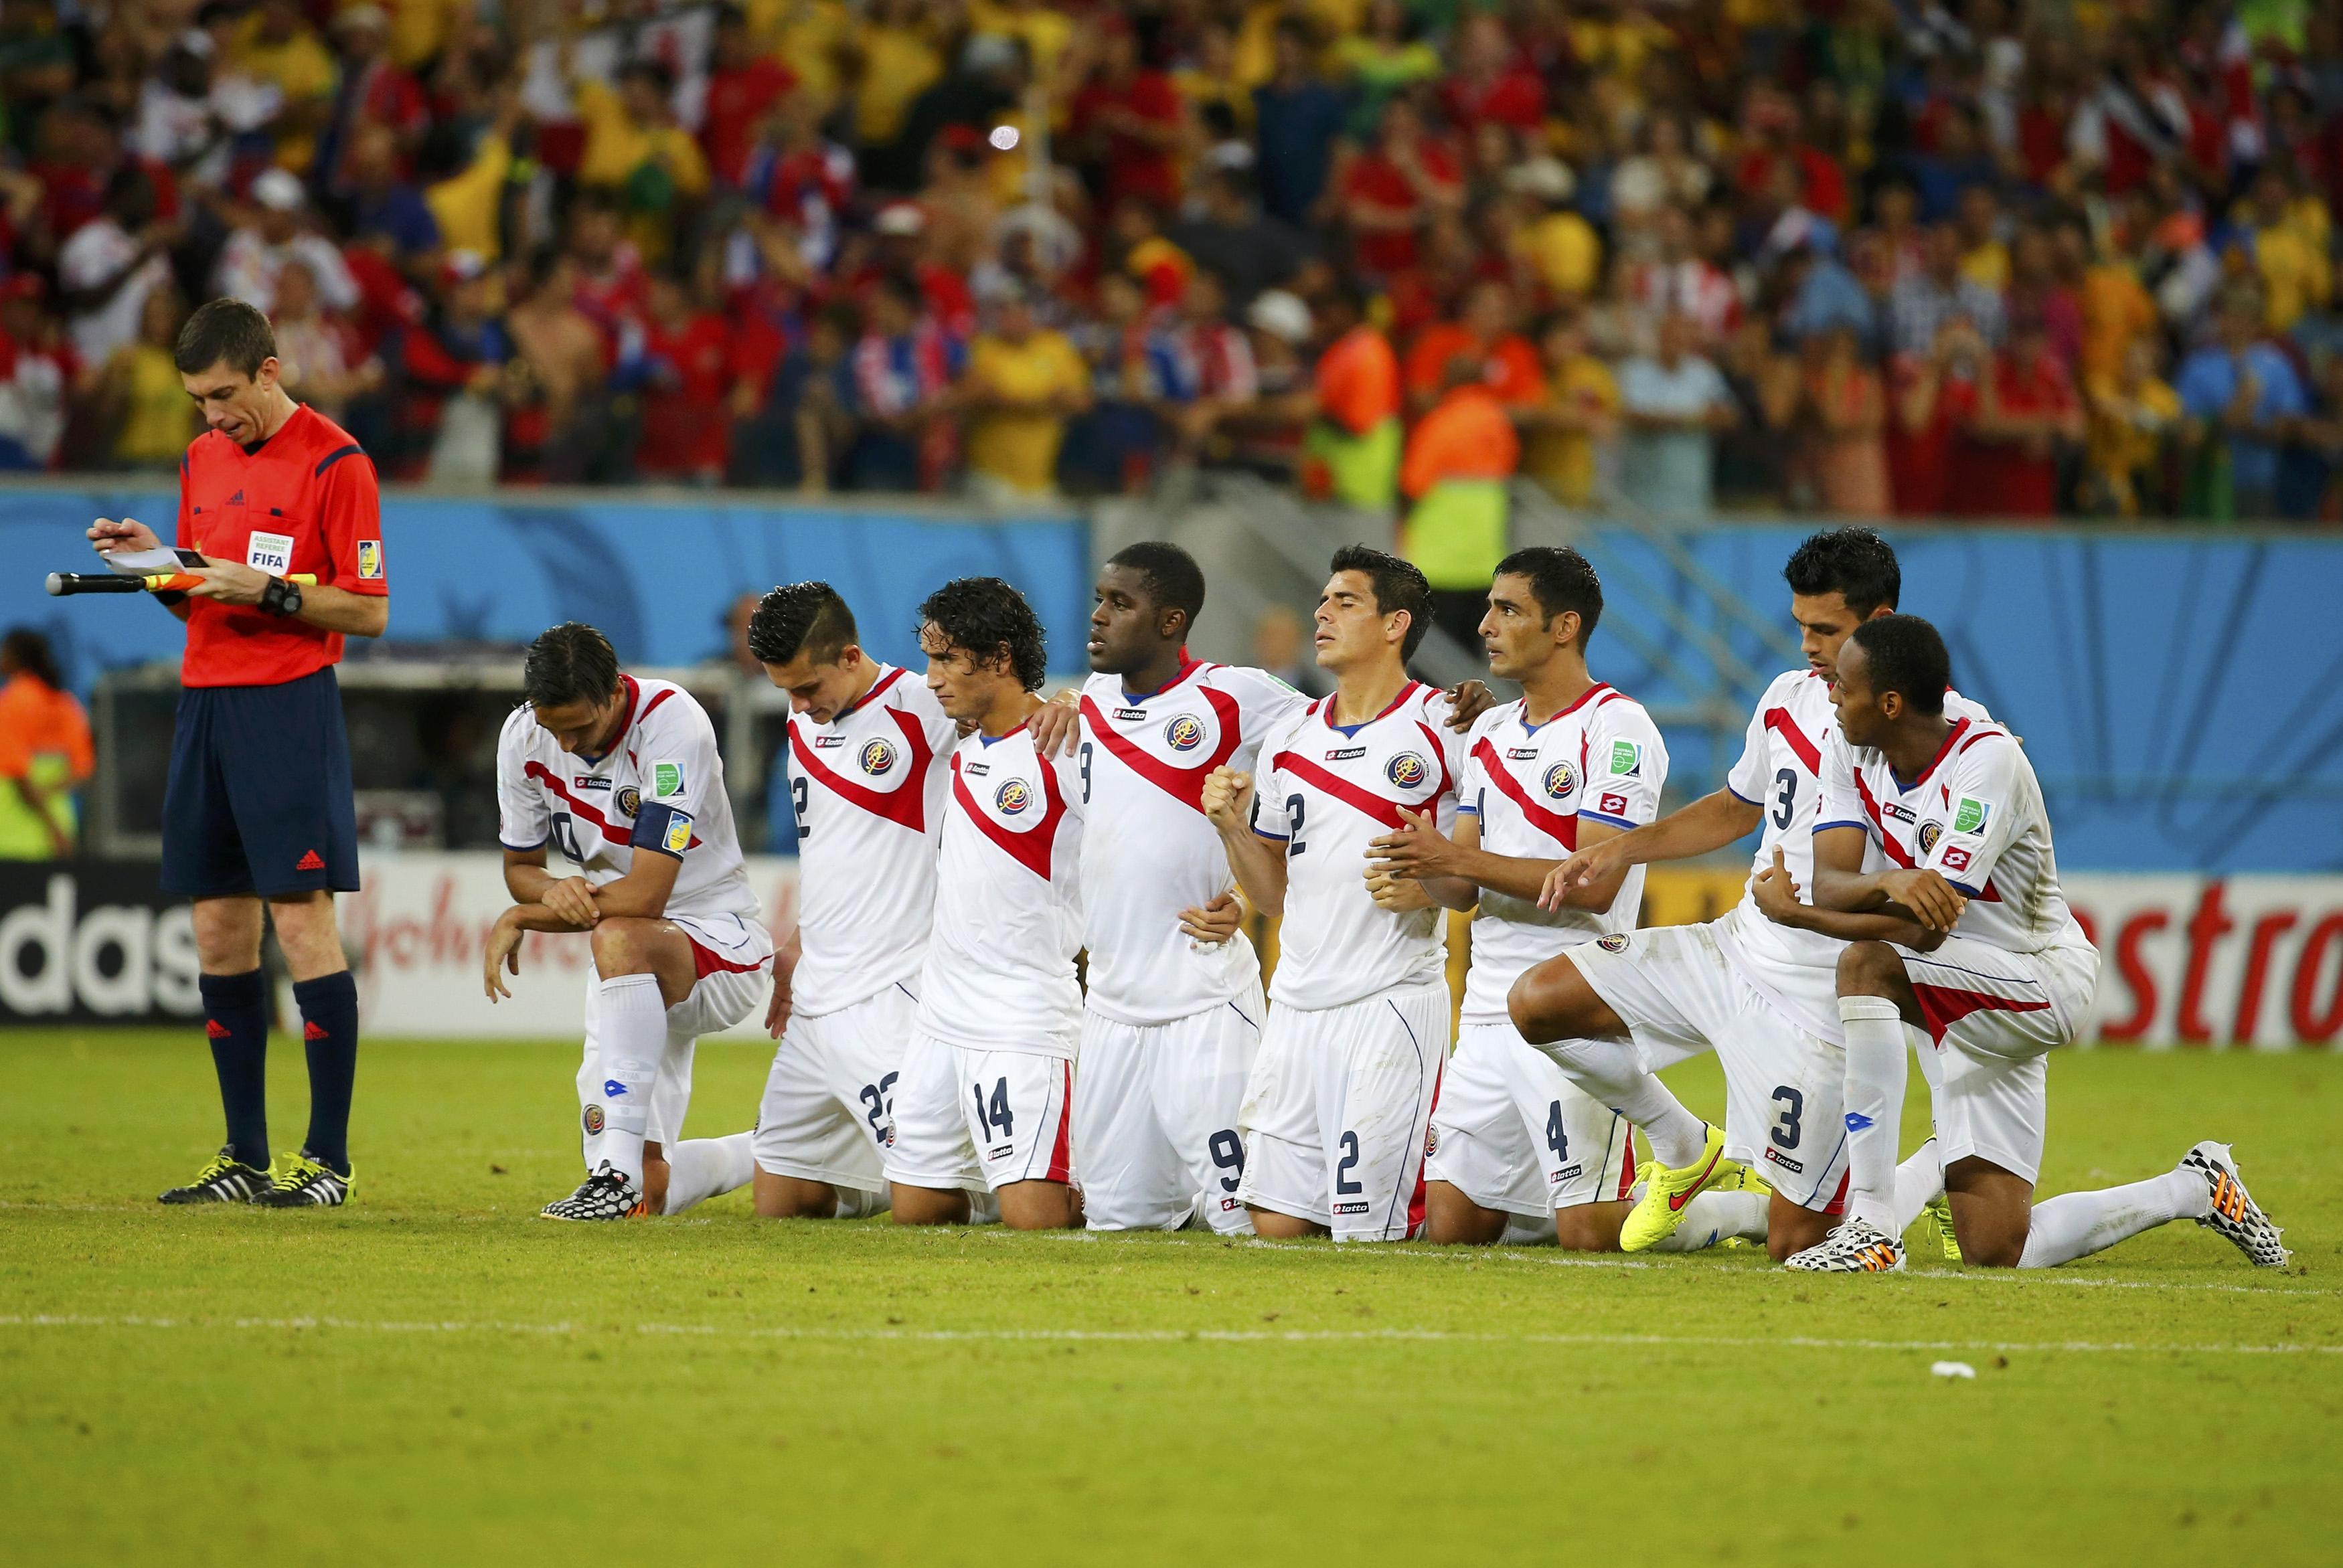 Beispiel für die signifikante Erhöhung der Leistungsdichte: Costa Ricas Nationalteam. Der Aussenseiter setzte sich im Achtelfinal im Elfmeterschiessen gegen Griechenland durch.